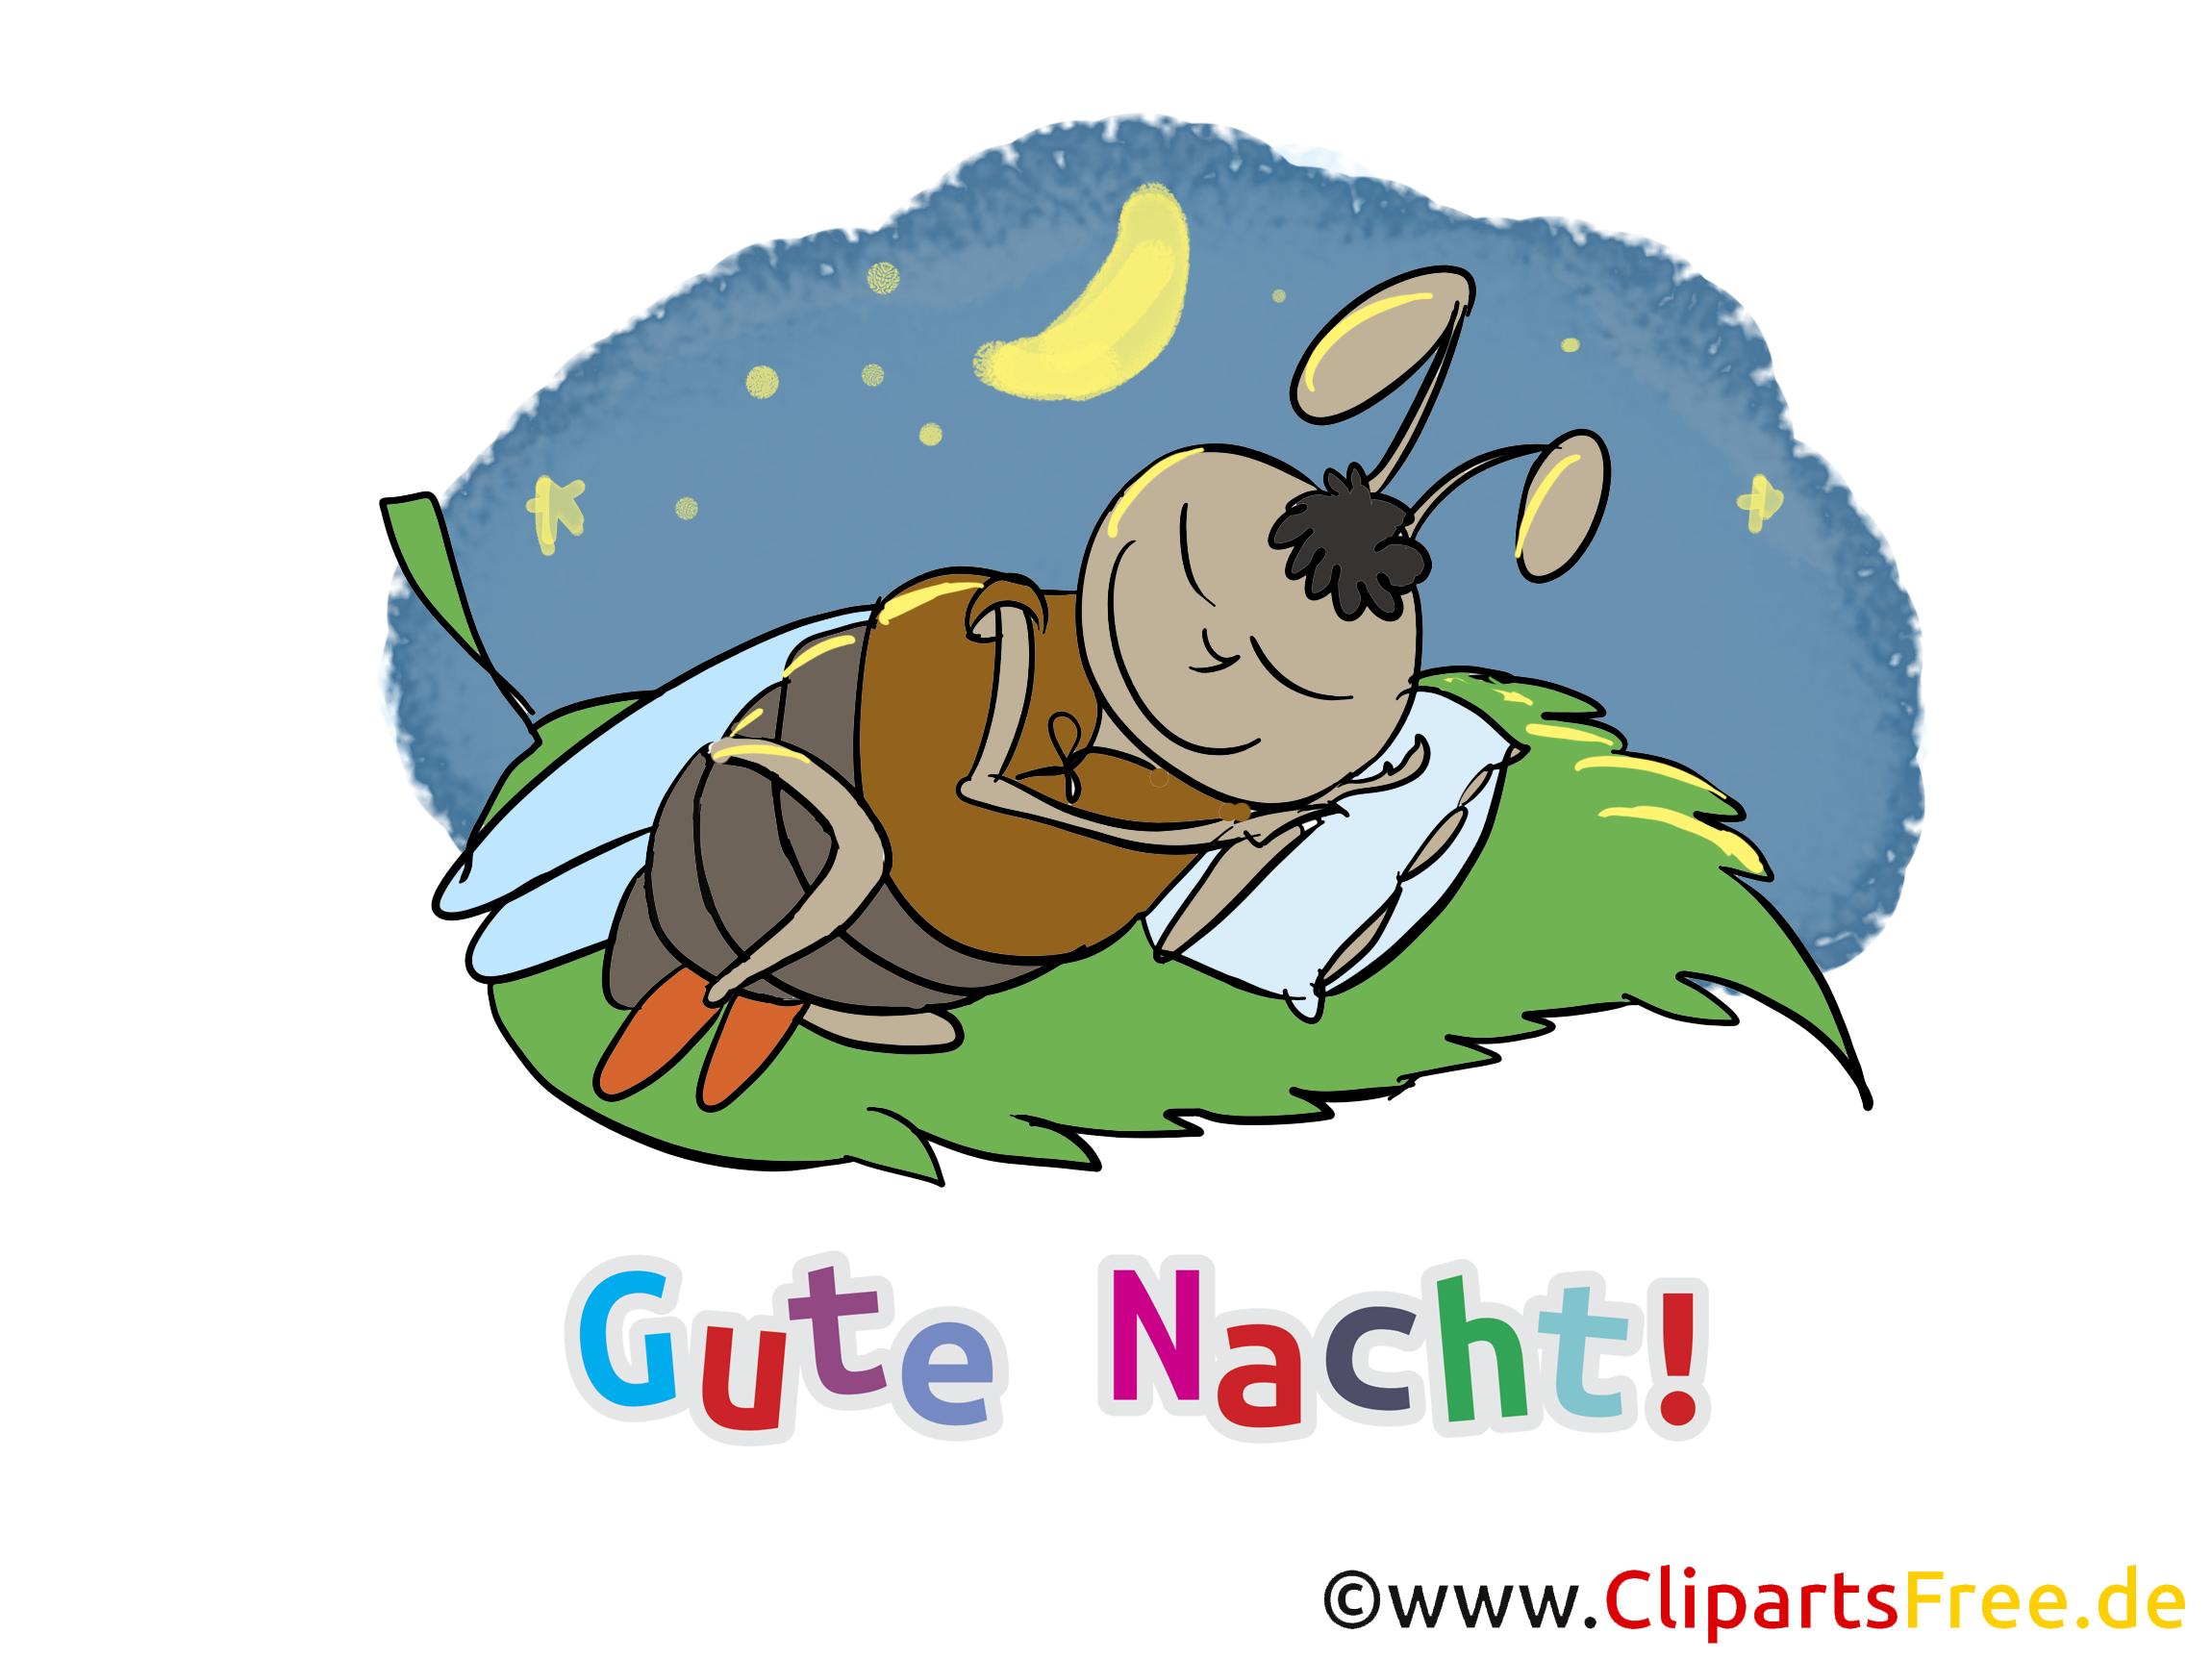 Clipart gute nacht clipart library download Gute Nacht Bilder, Cliparts, Cartoons, Grafiken, Illustrationen ... clipart library download